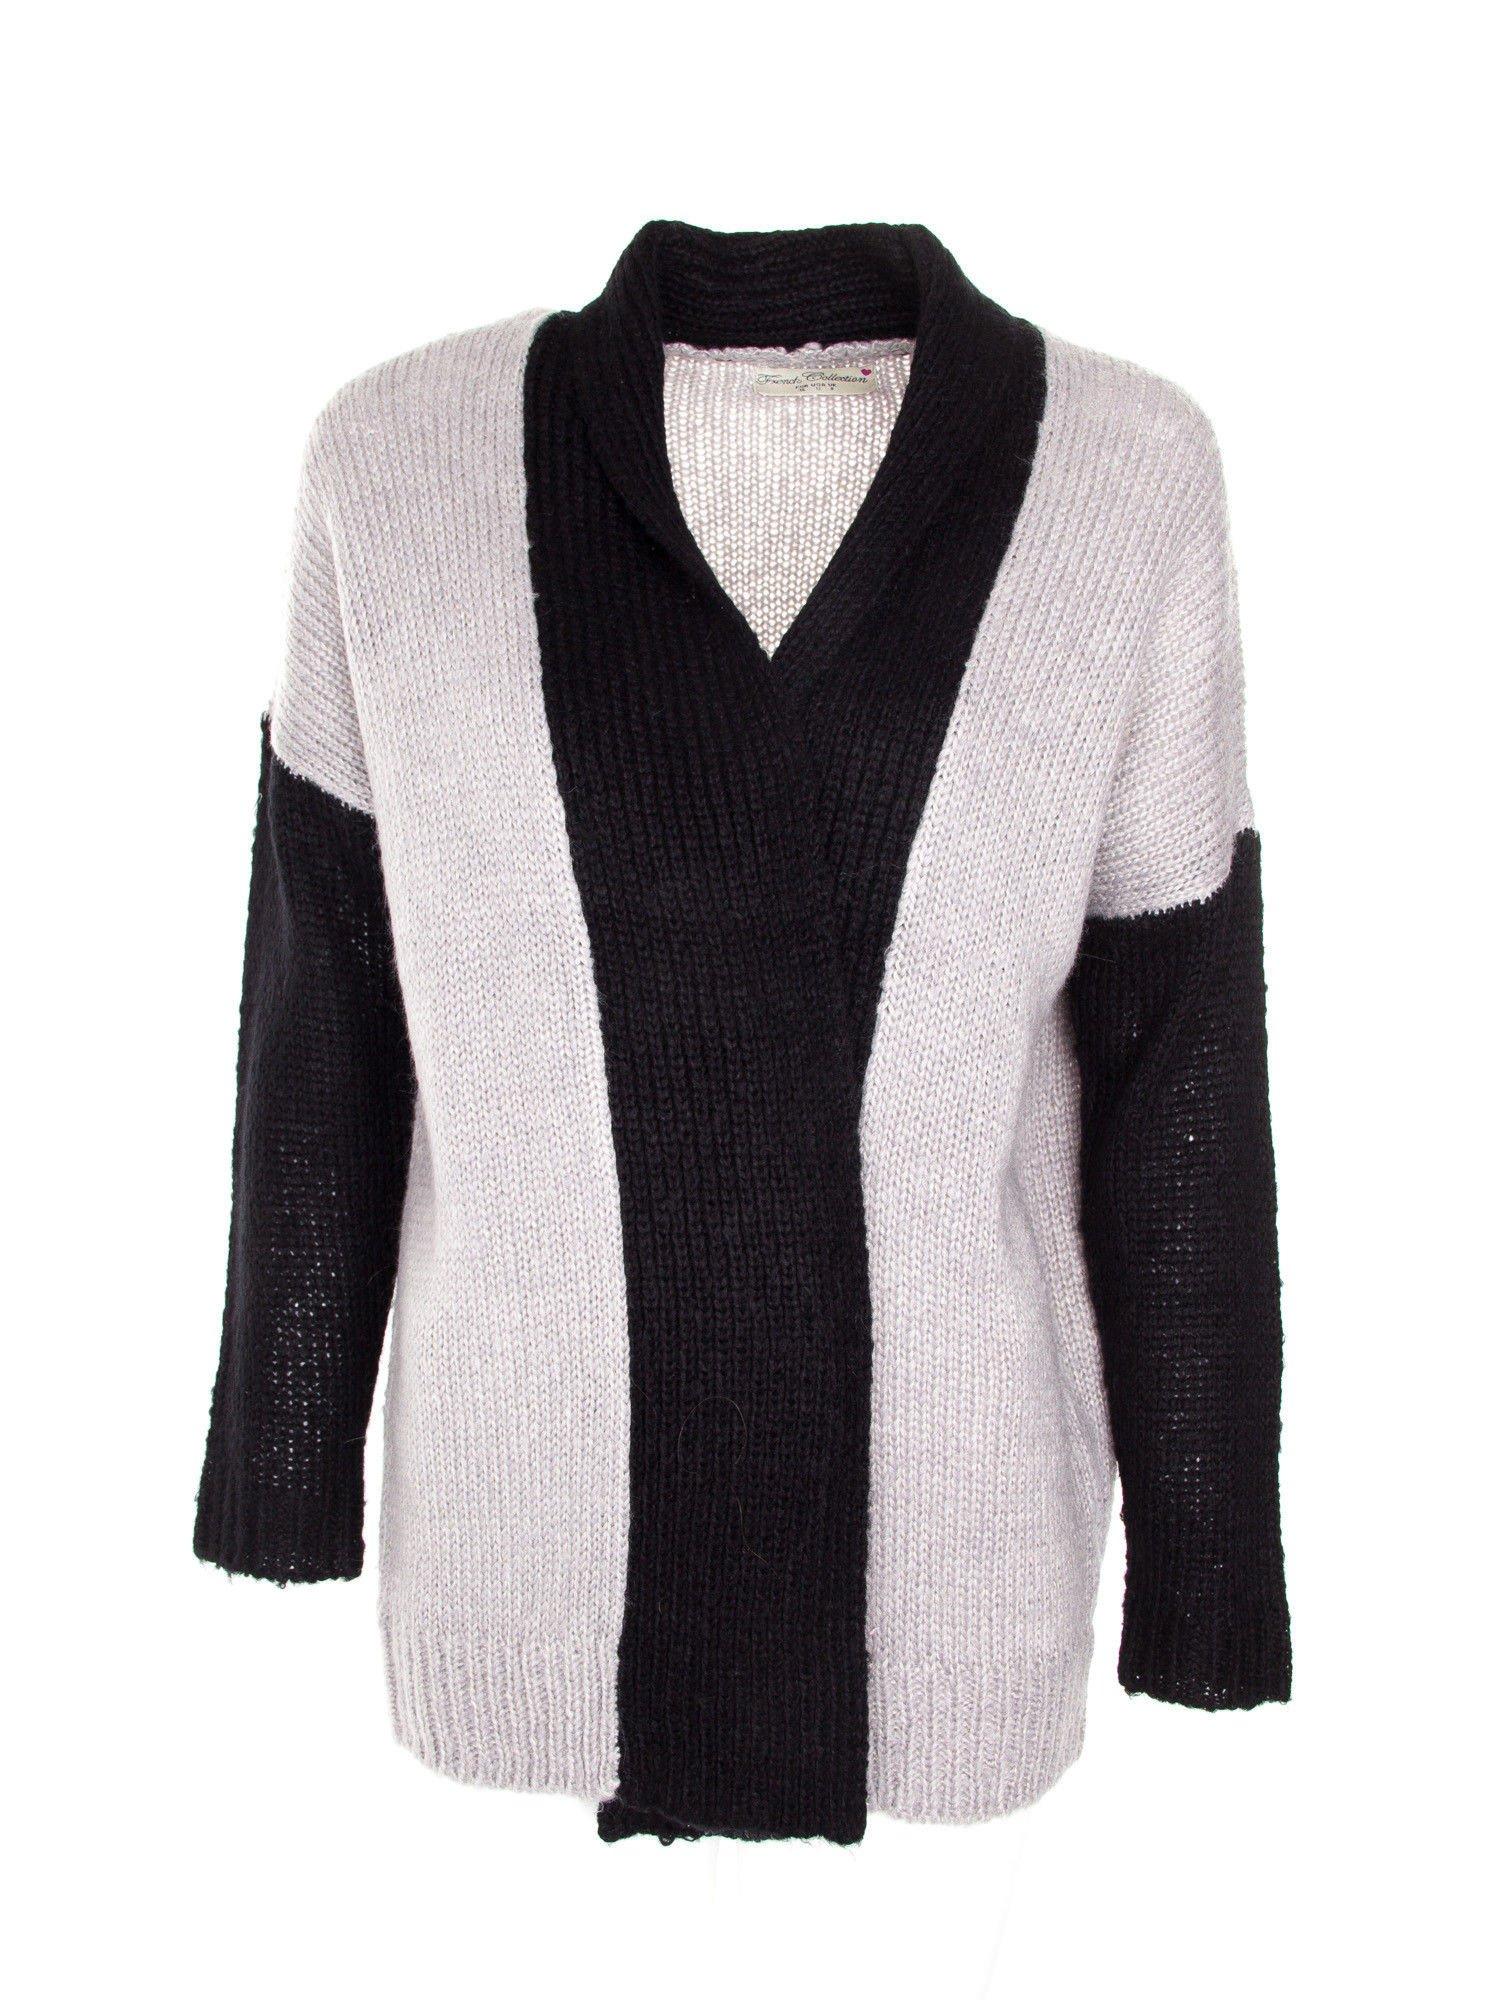 Szary sweter z kontrastowym pasem i rękawami                                  zdj.                                  1